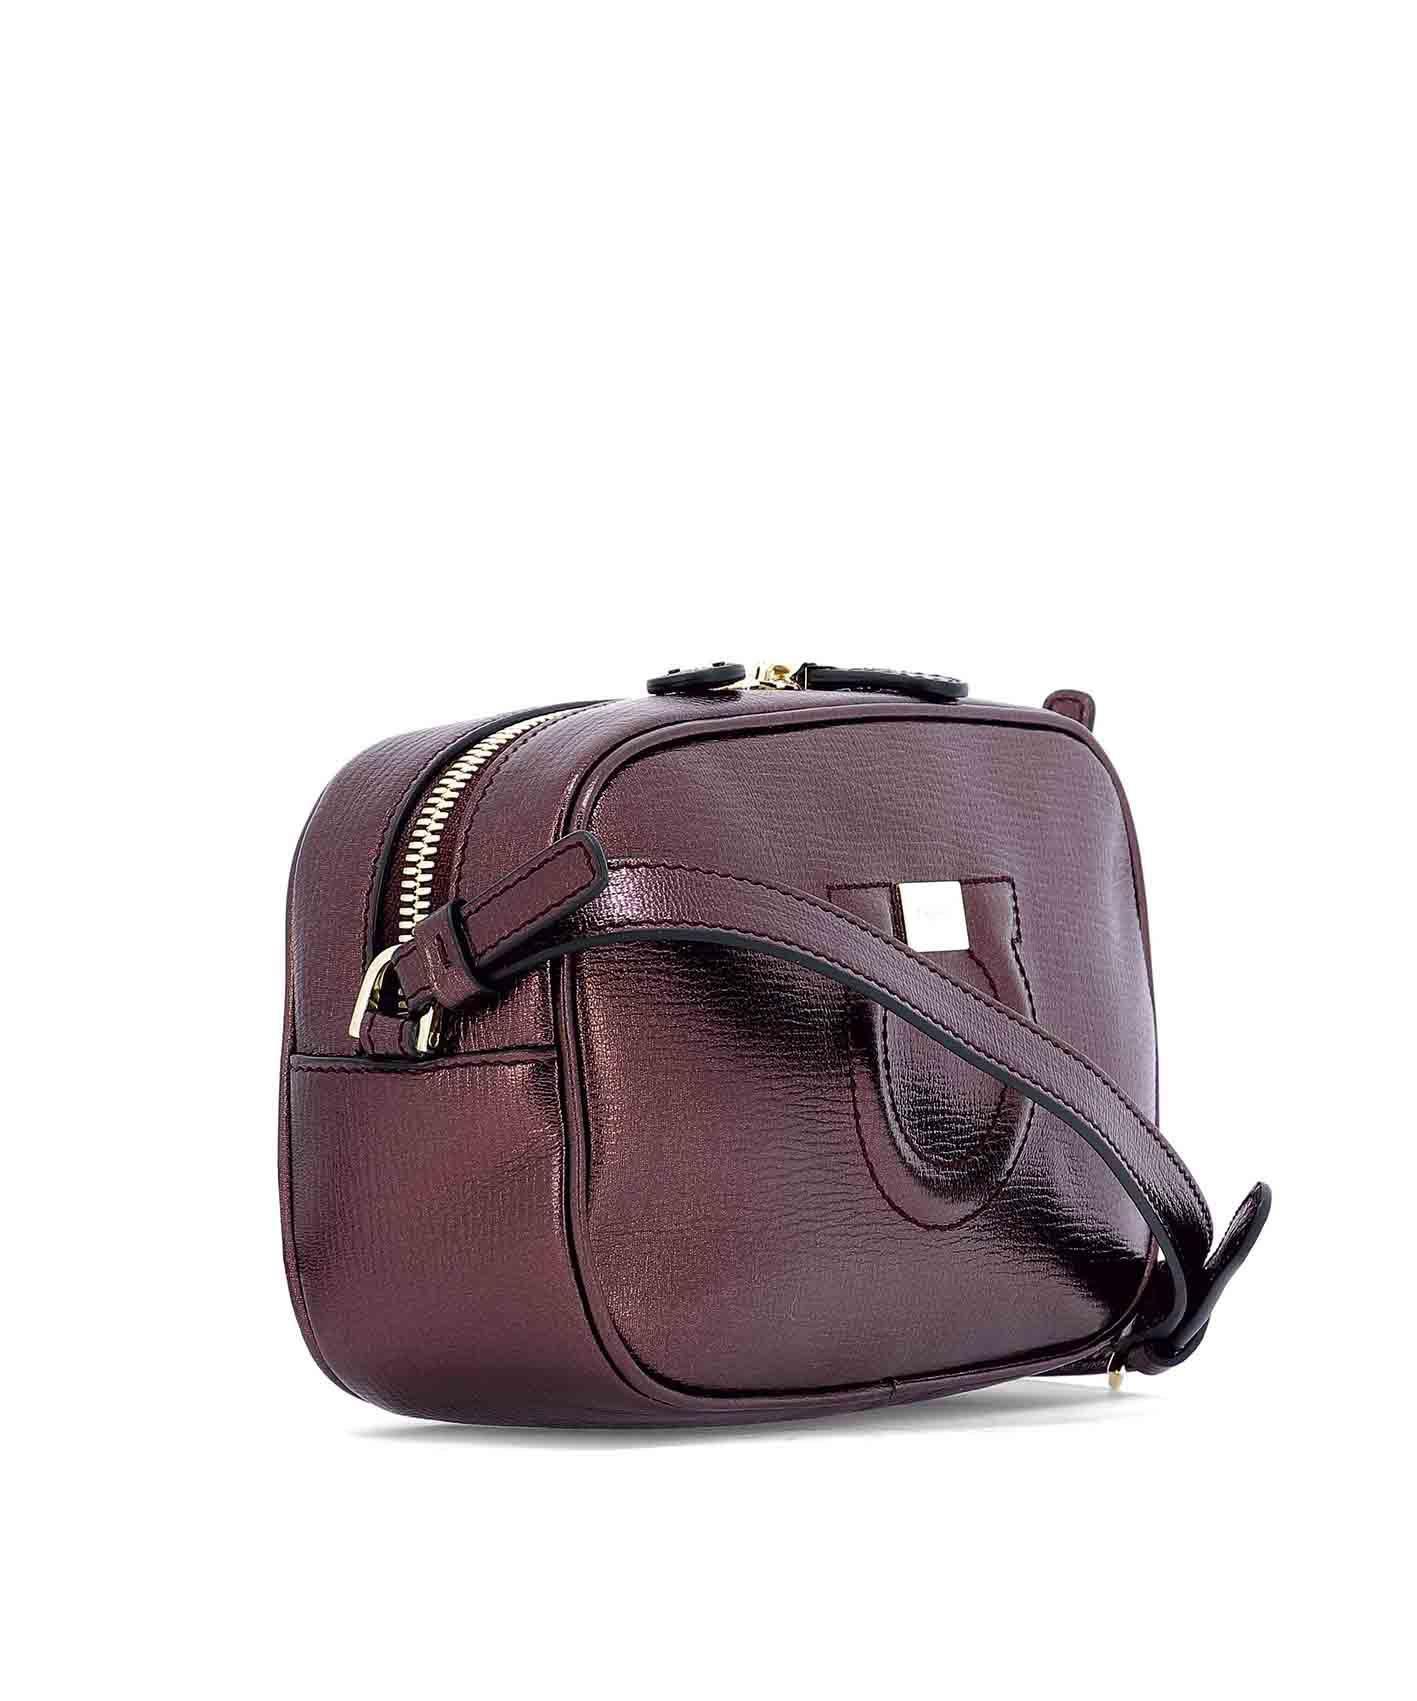 Lyst - Ferragamo Women s Purple Leather Shoulder Bag in Purple ba9d287d3a11b